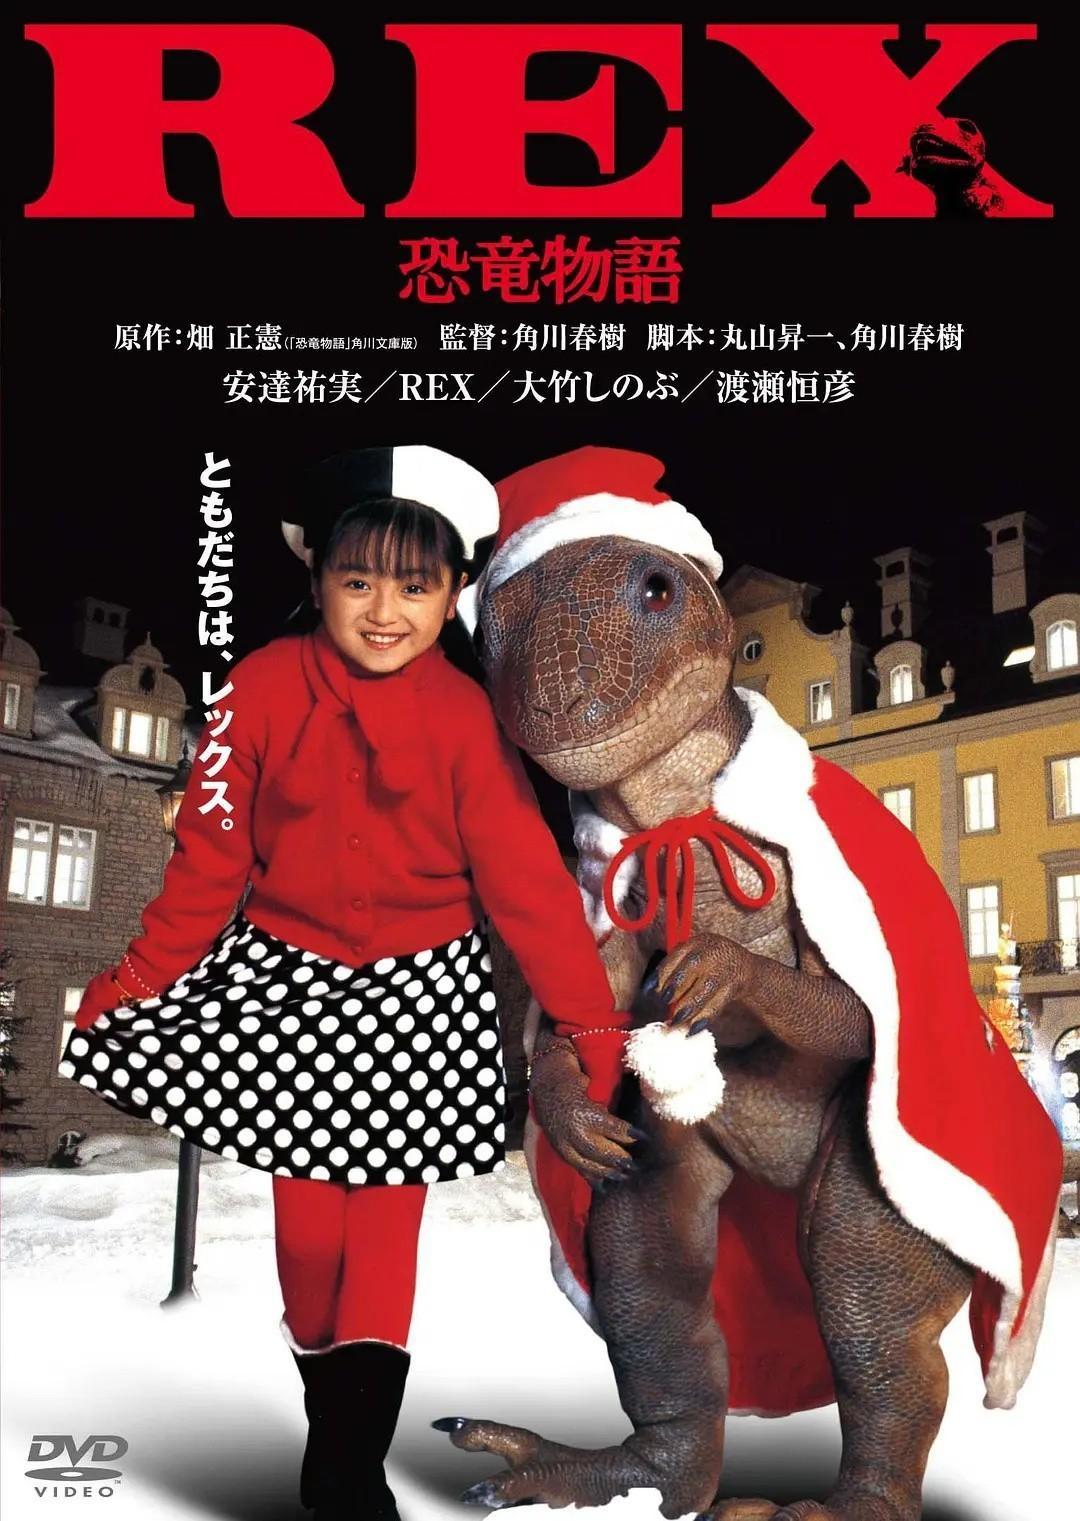 恐龙物语 电影海报